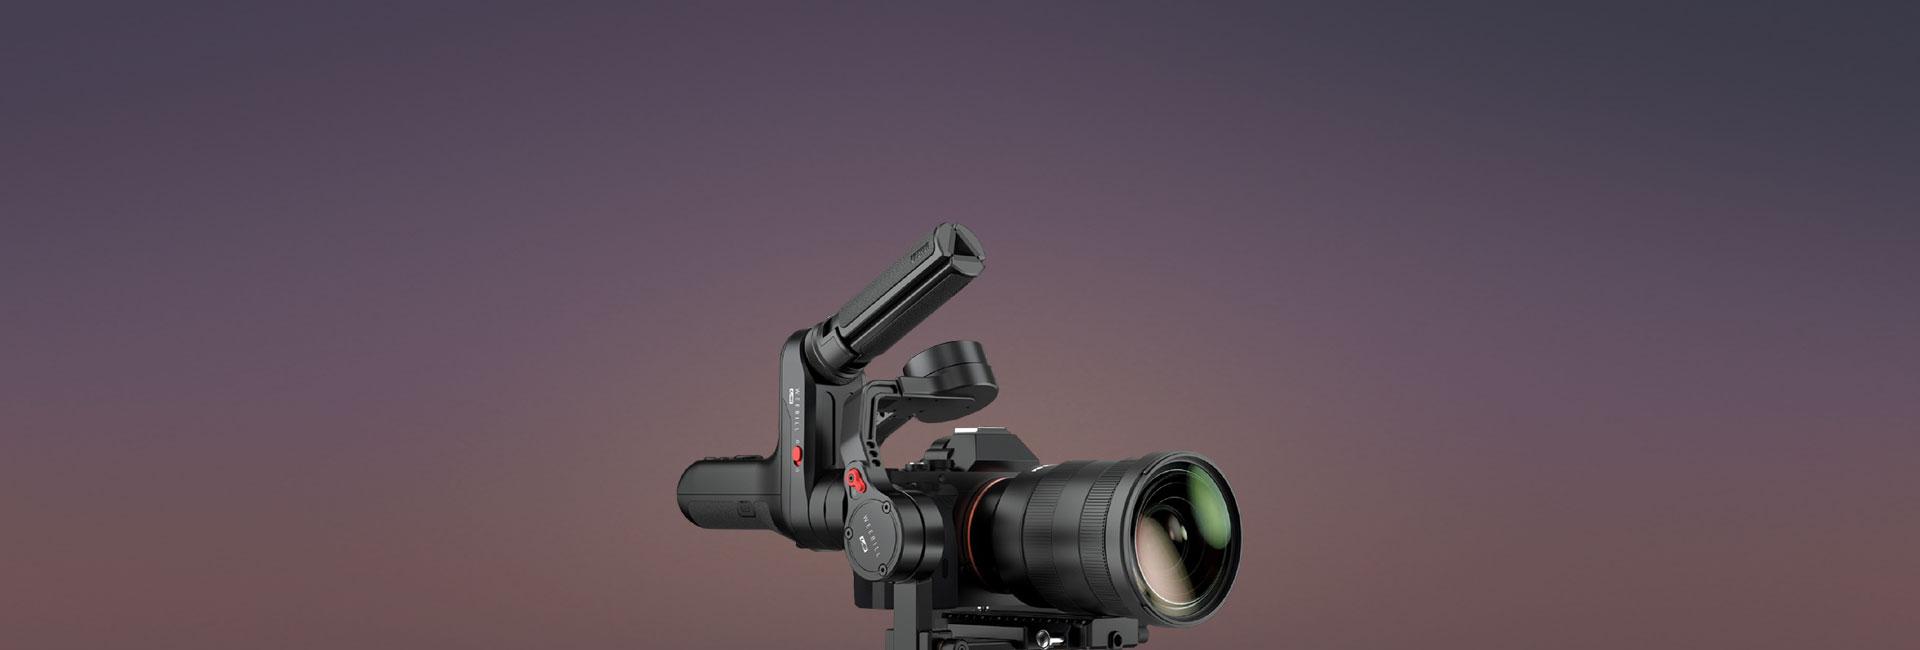 stabilizzatore fotocamera